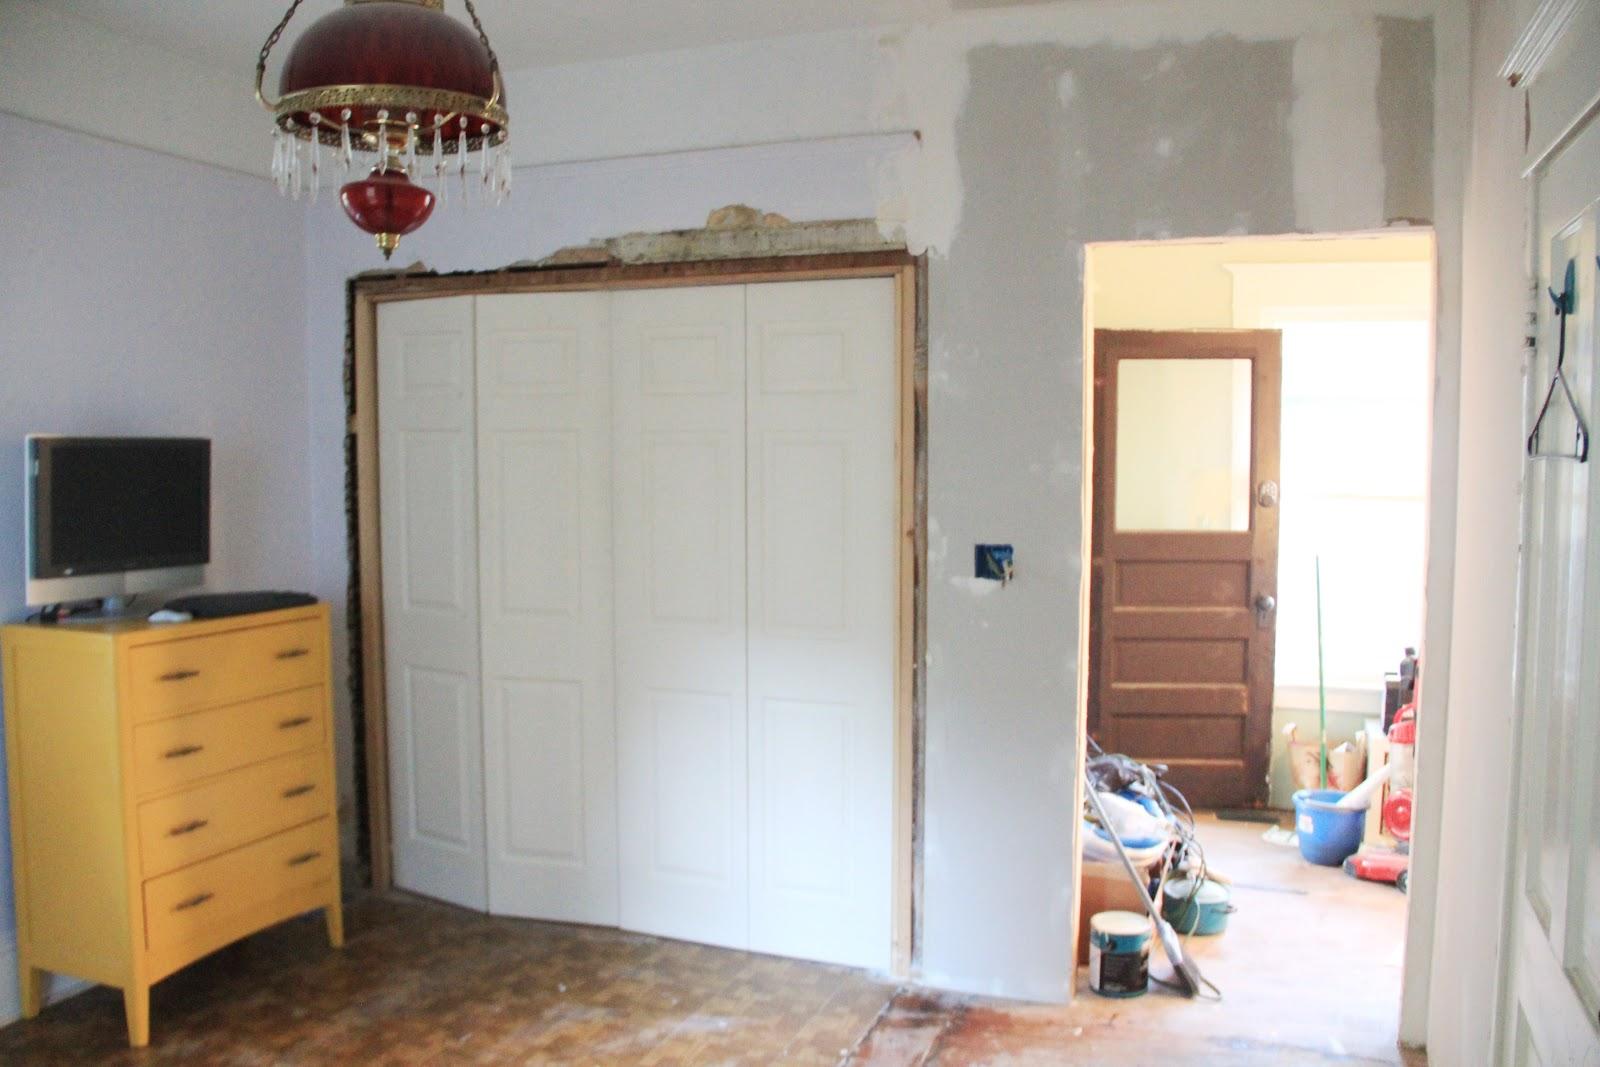 Ikea Billy T Ren eak a house ikea billy closet hack